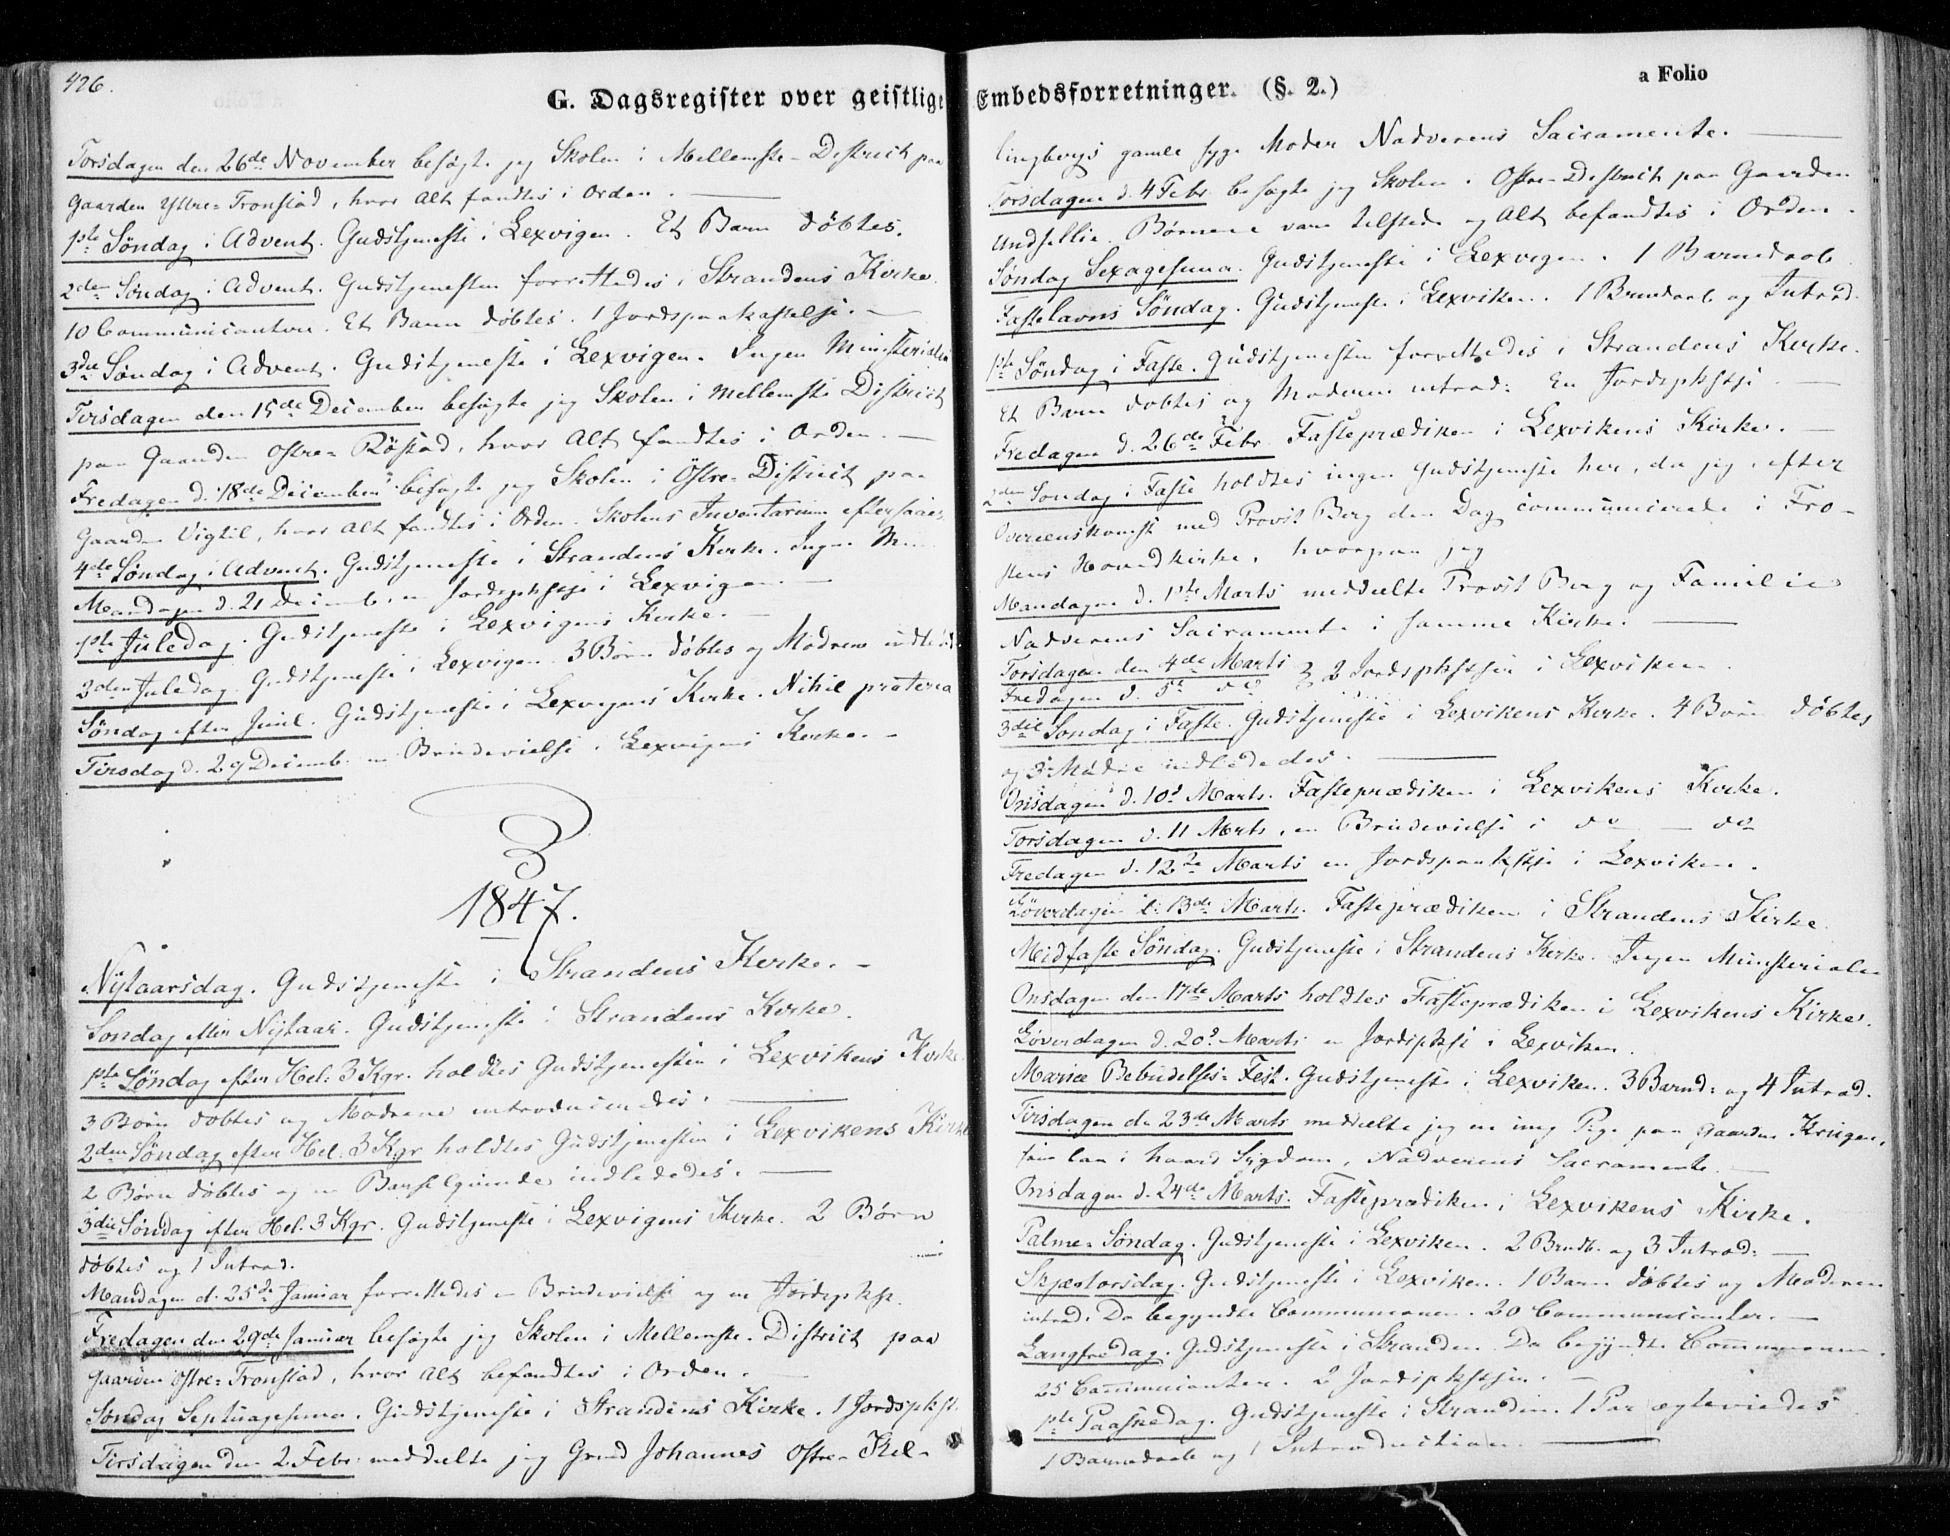 SAT, Ministerialprotokoller, klokkerbøker og fødselsregistre - Nord-Trøndelag, 701/L0007: Ministerialbok nr. 701A07 /1, 1842-1854, s. 426